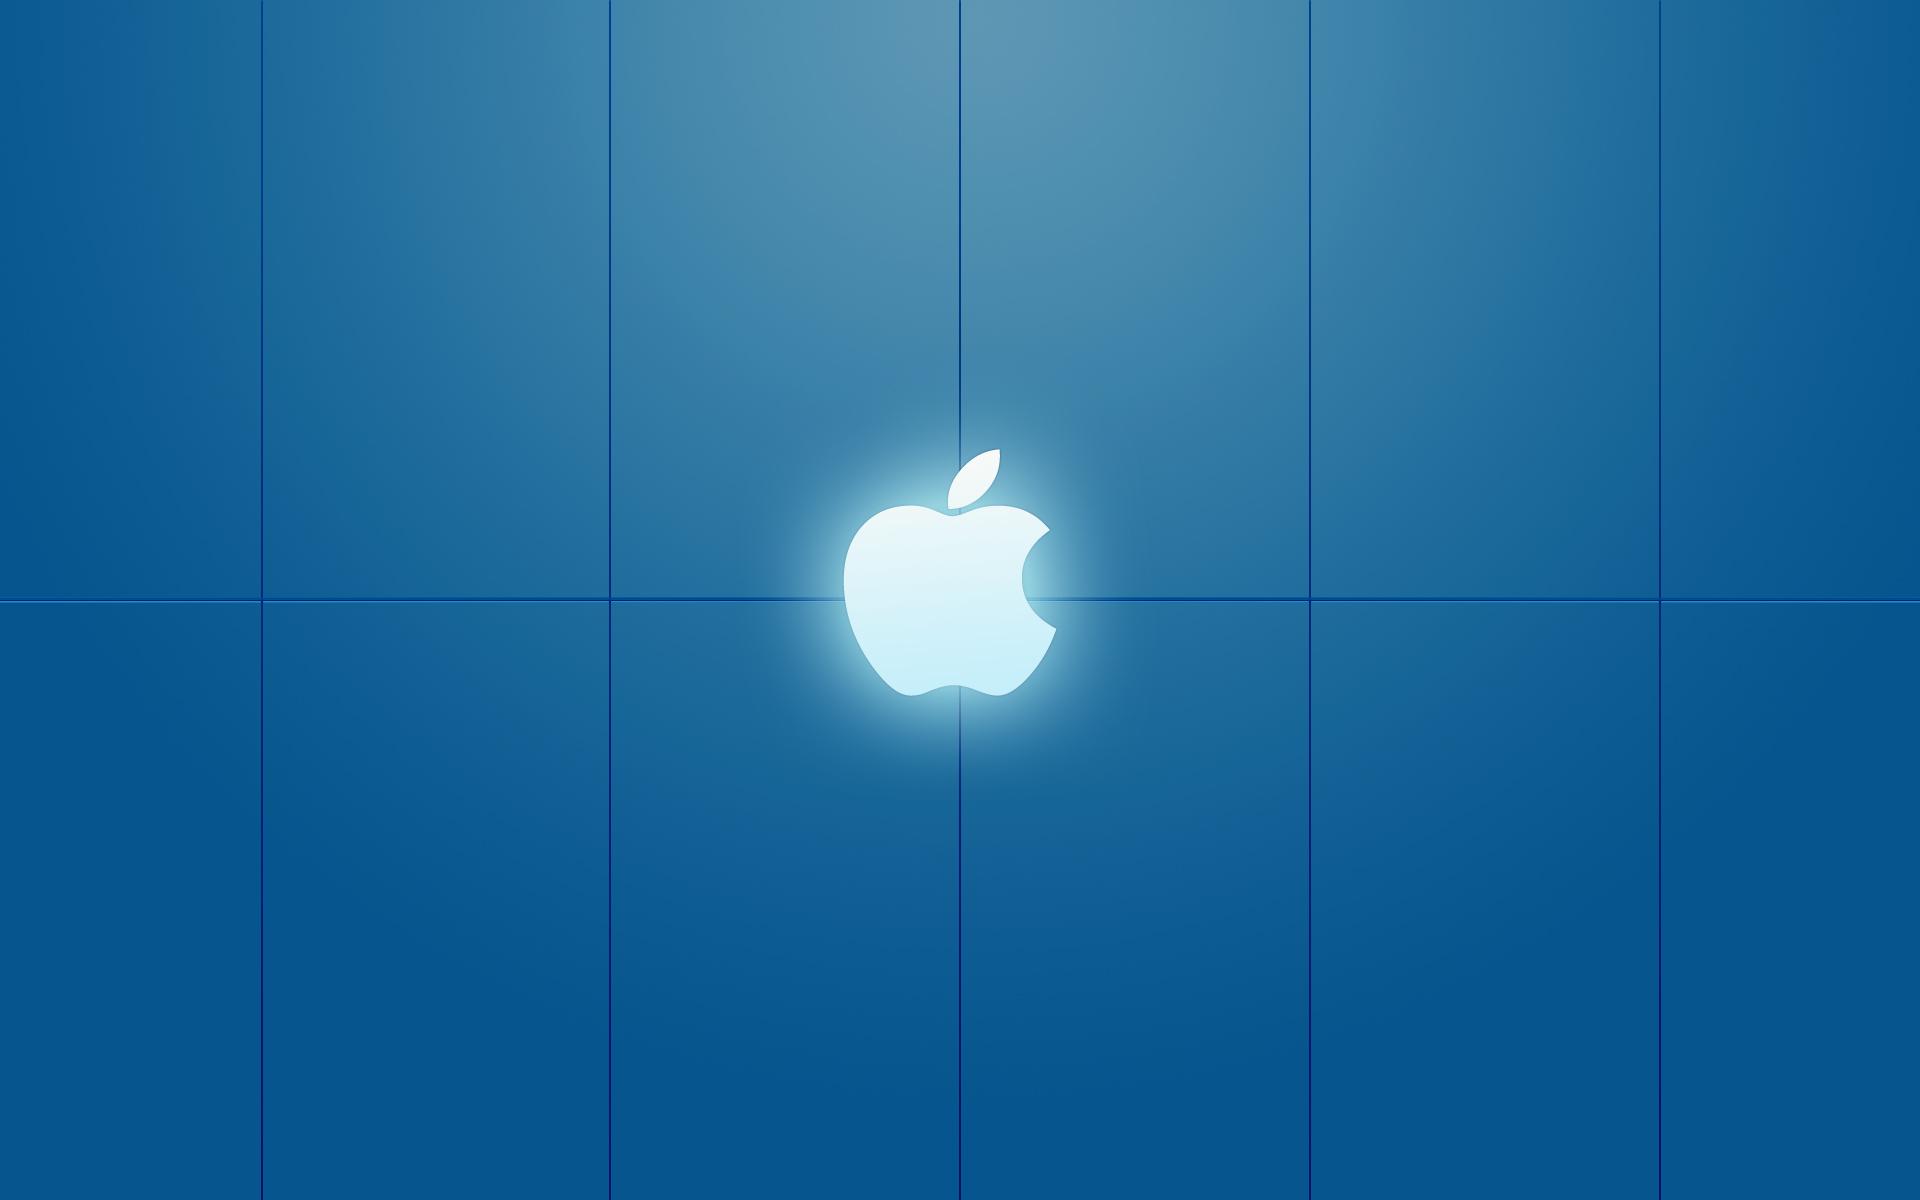 desktop background for mac - wallpapersafari